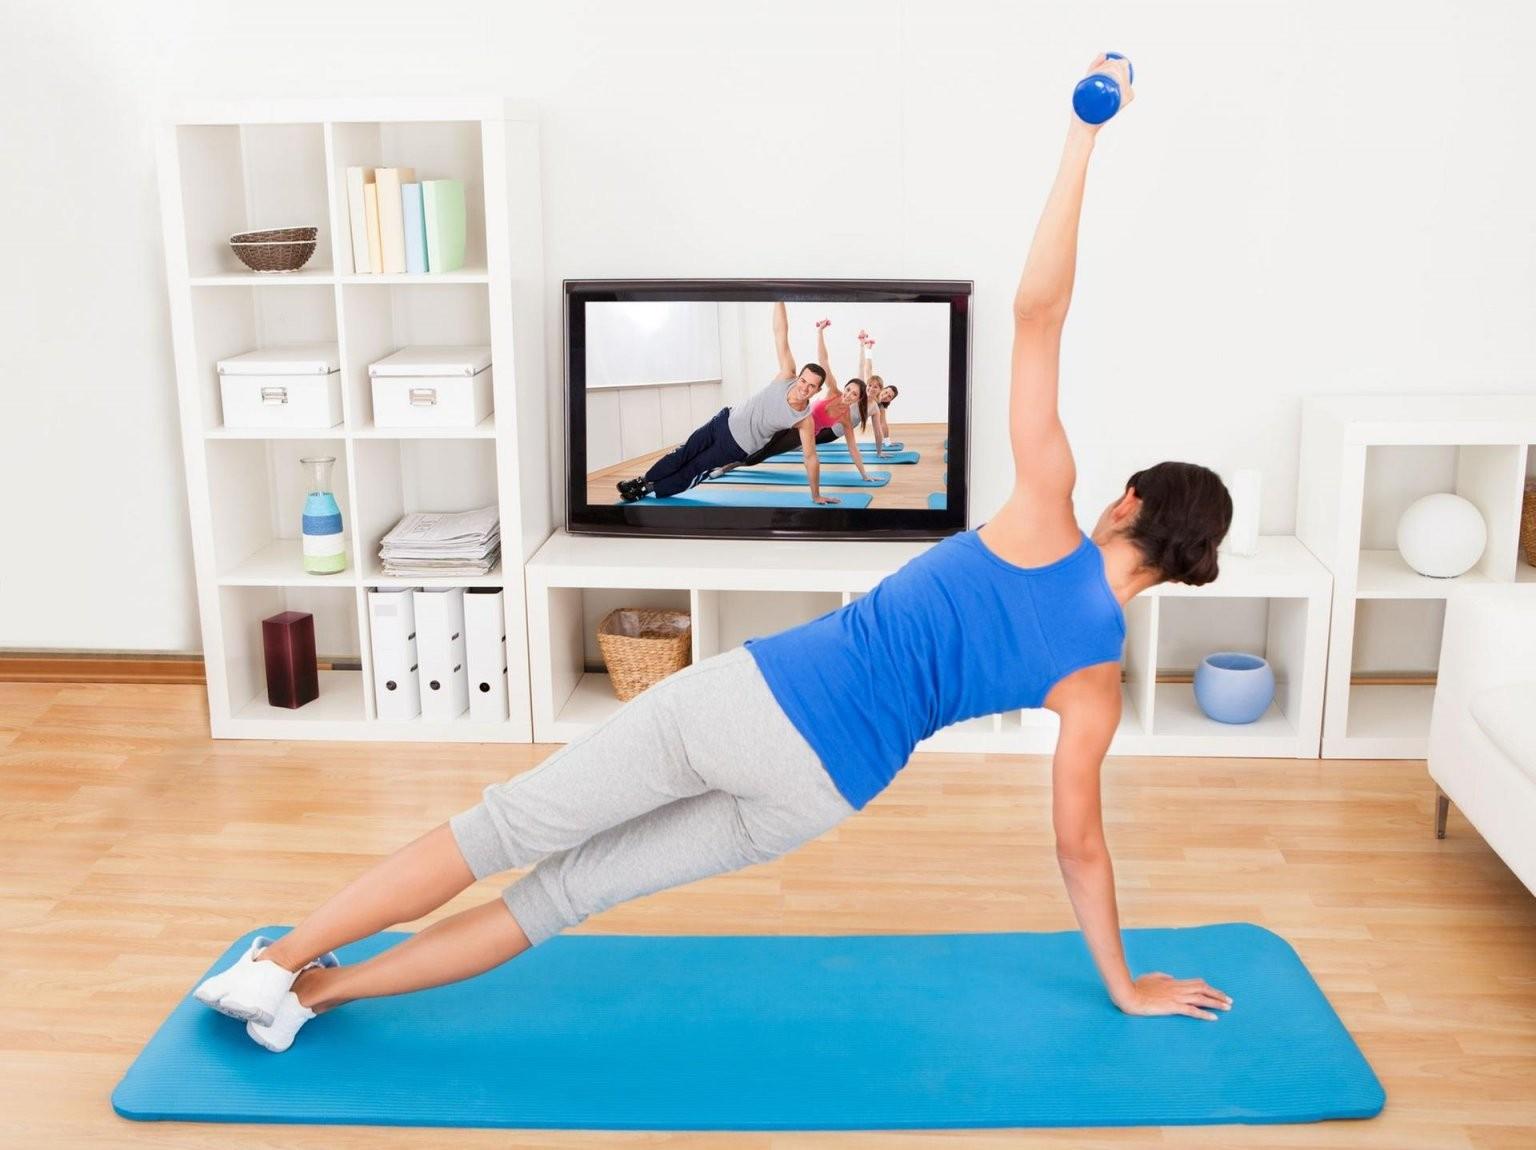 Aerobic Für Zu Hause Fitness Vor Dem Fernseher von Aerobic Für Zu Hause Photo